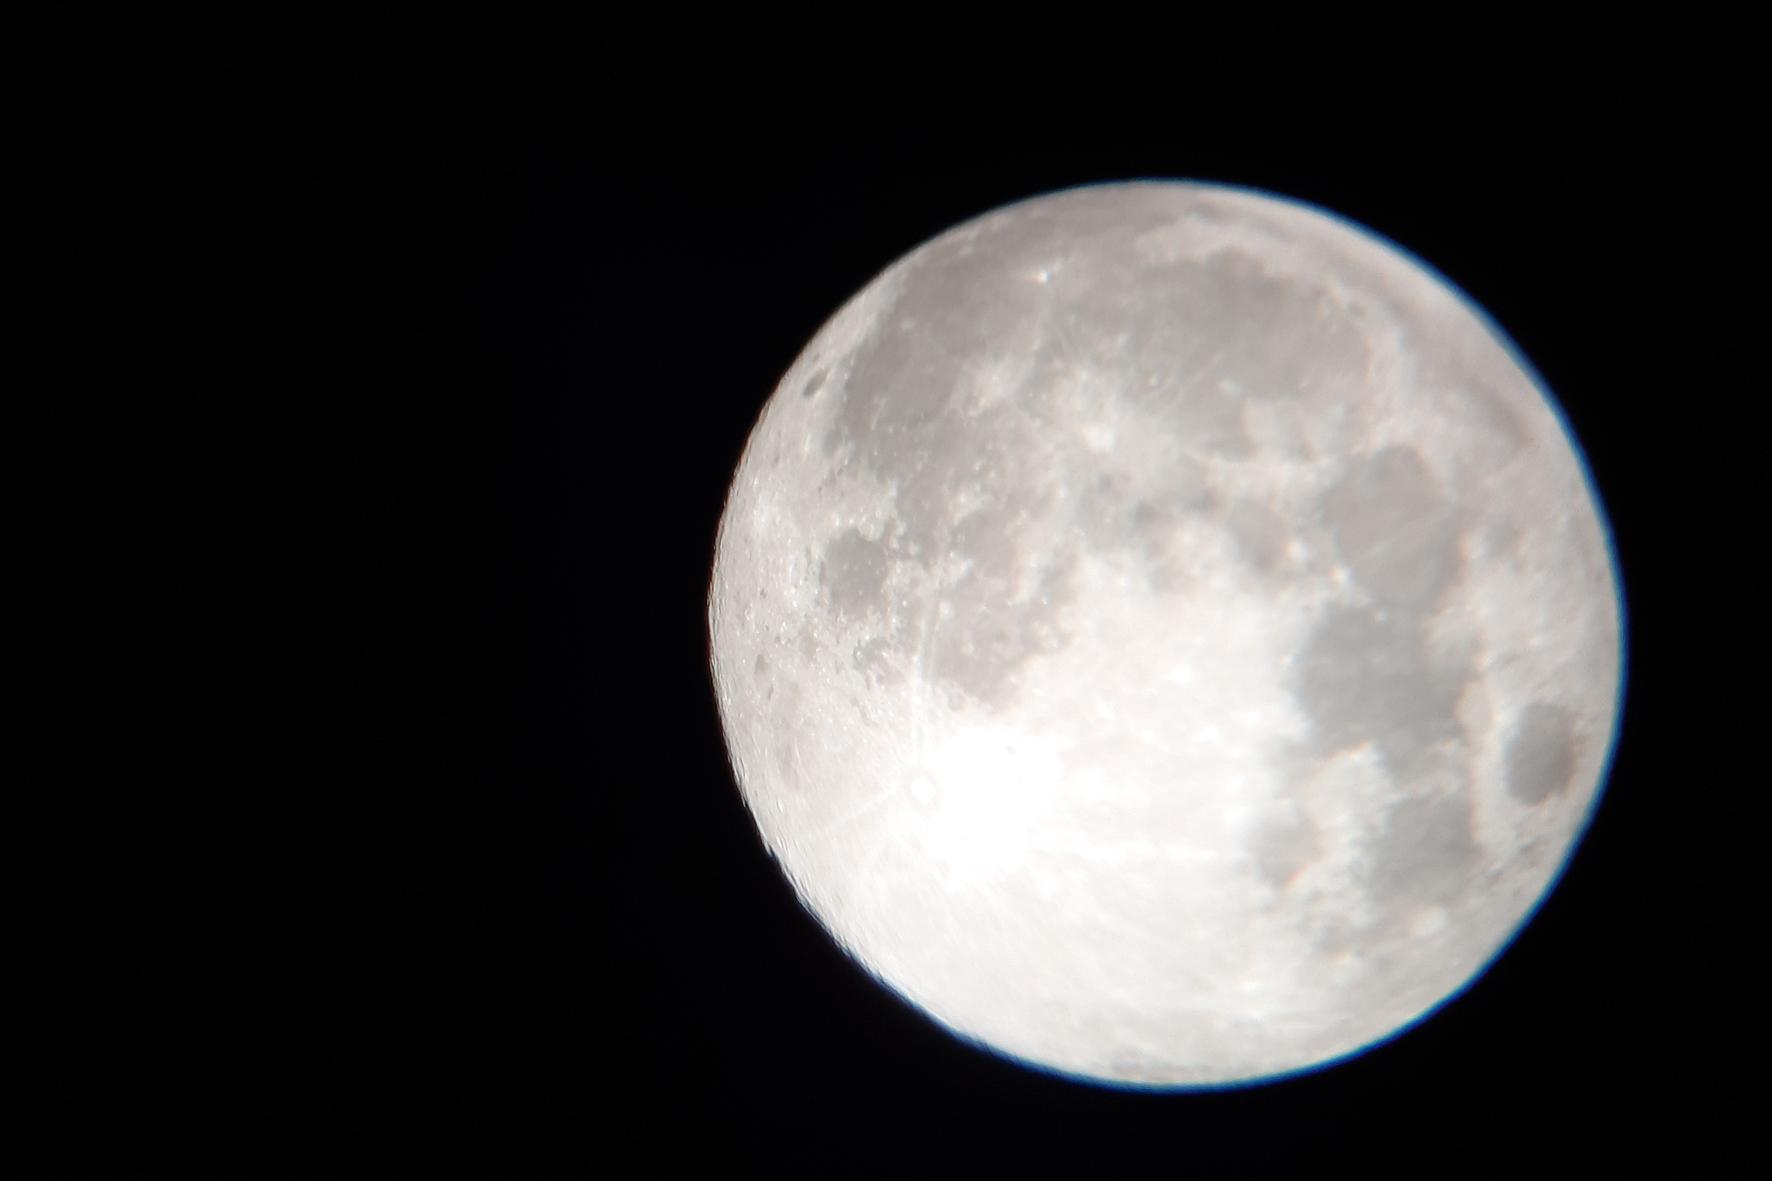 Warum es wichtig ist, den Mond zu erforschen